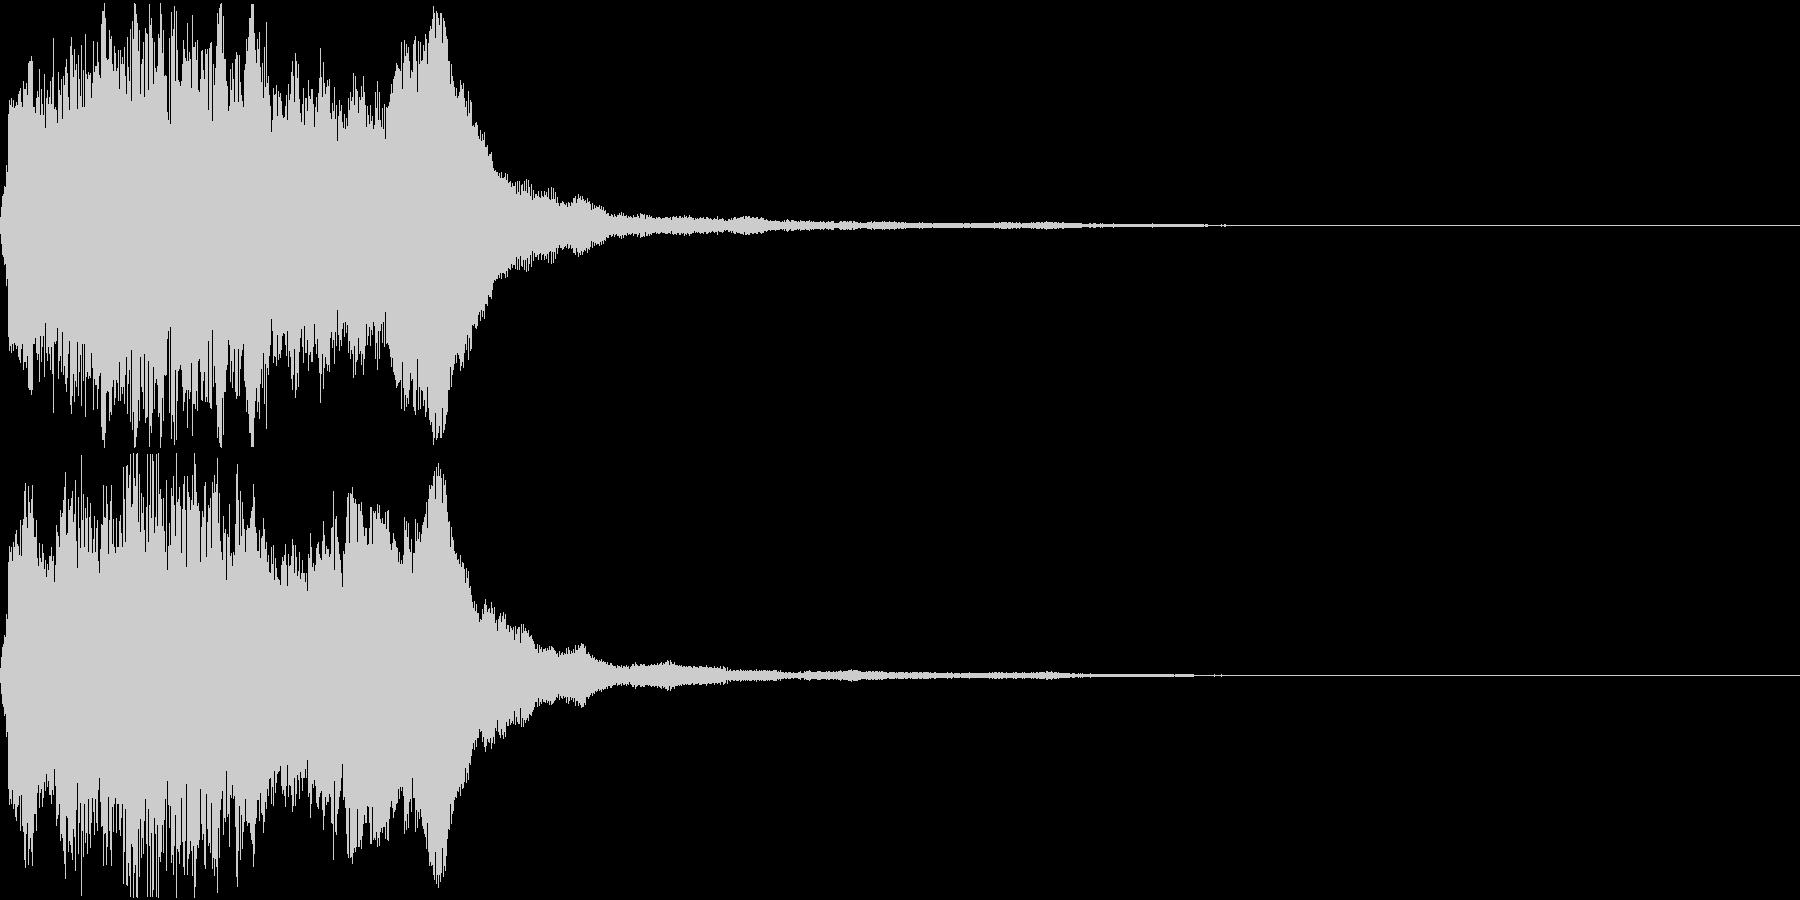 ラッパ ファンファーレ 定番 7の未再生の波形